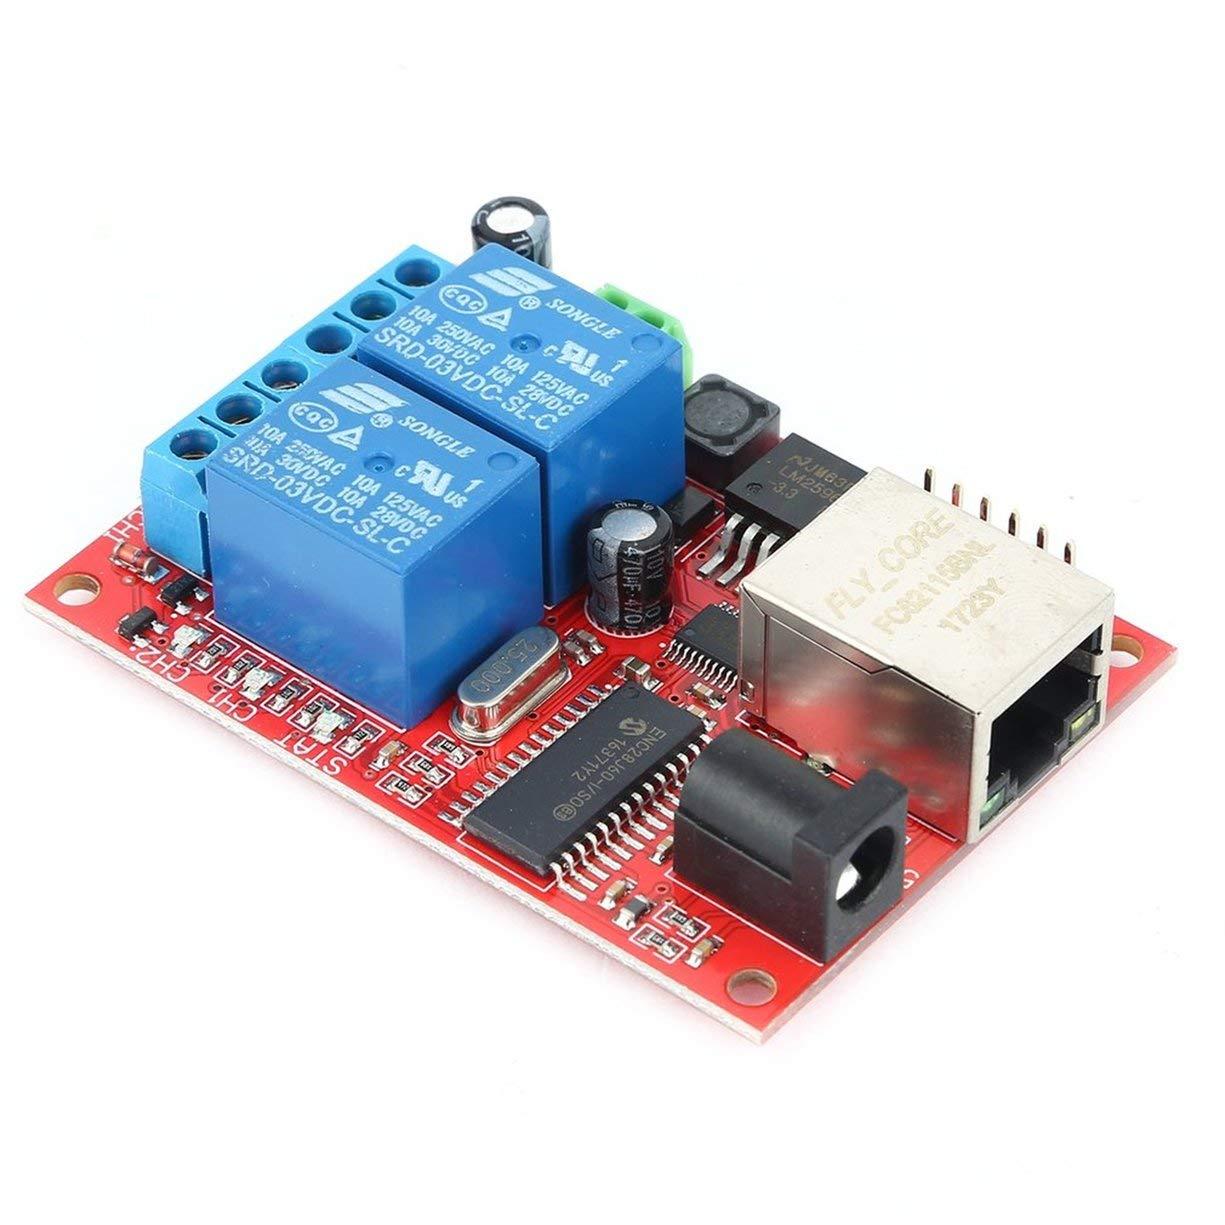 LAN Ethernet 2-way Delay Time Switch Scheda relè Modulo TCP / UDP, LAN Ethernet 2 vie Relay Board Switch Switch TCP / UDP Modulo WEB Server Kit elettronico Circuit Board Detectoy